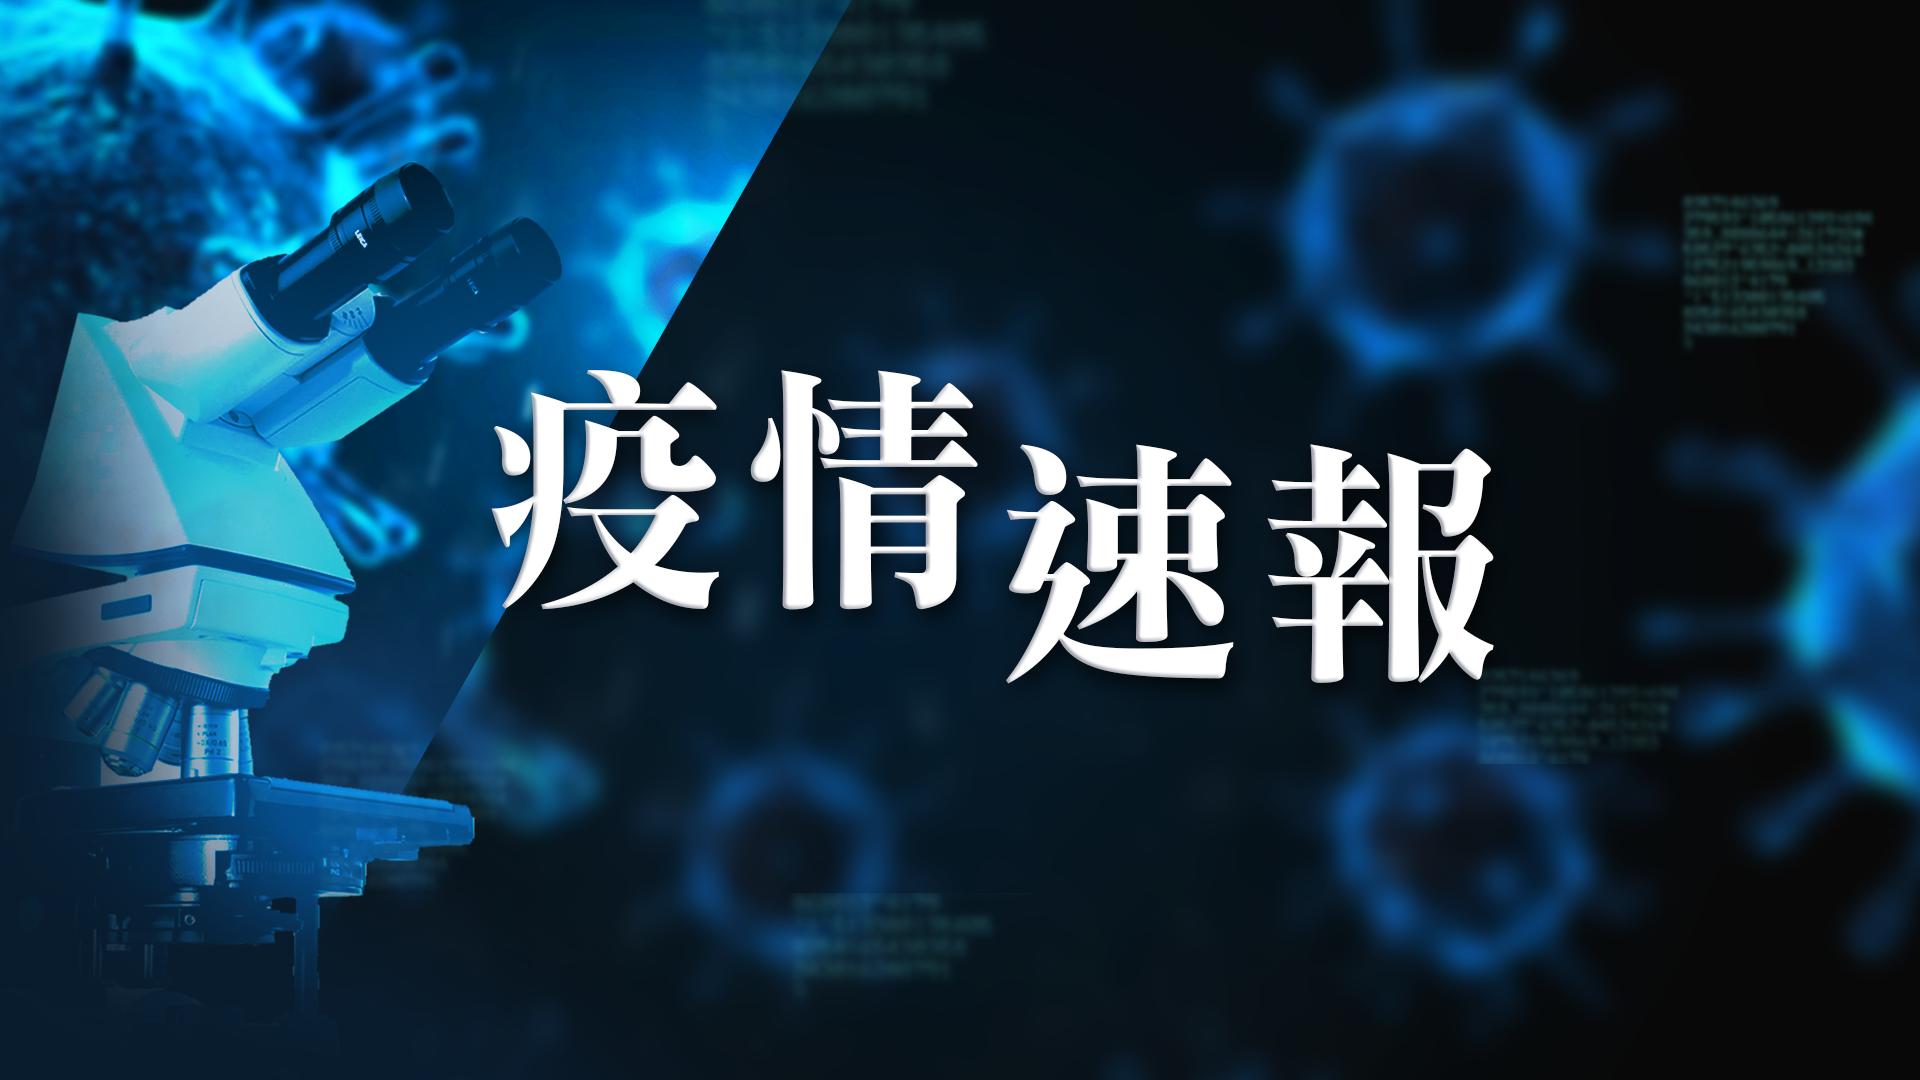 【8月5日疫情速報】(23:30)